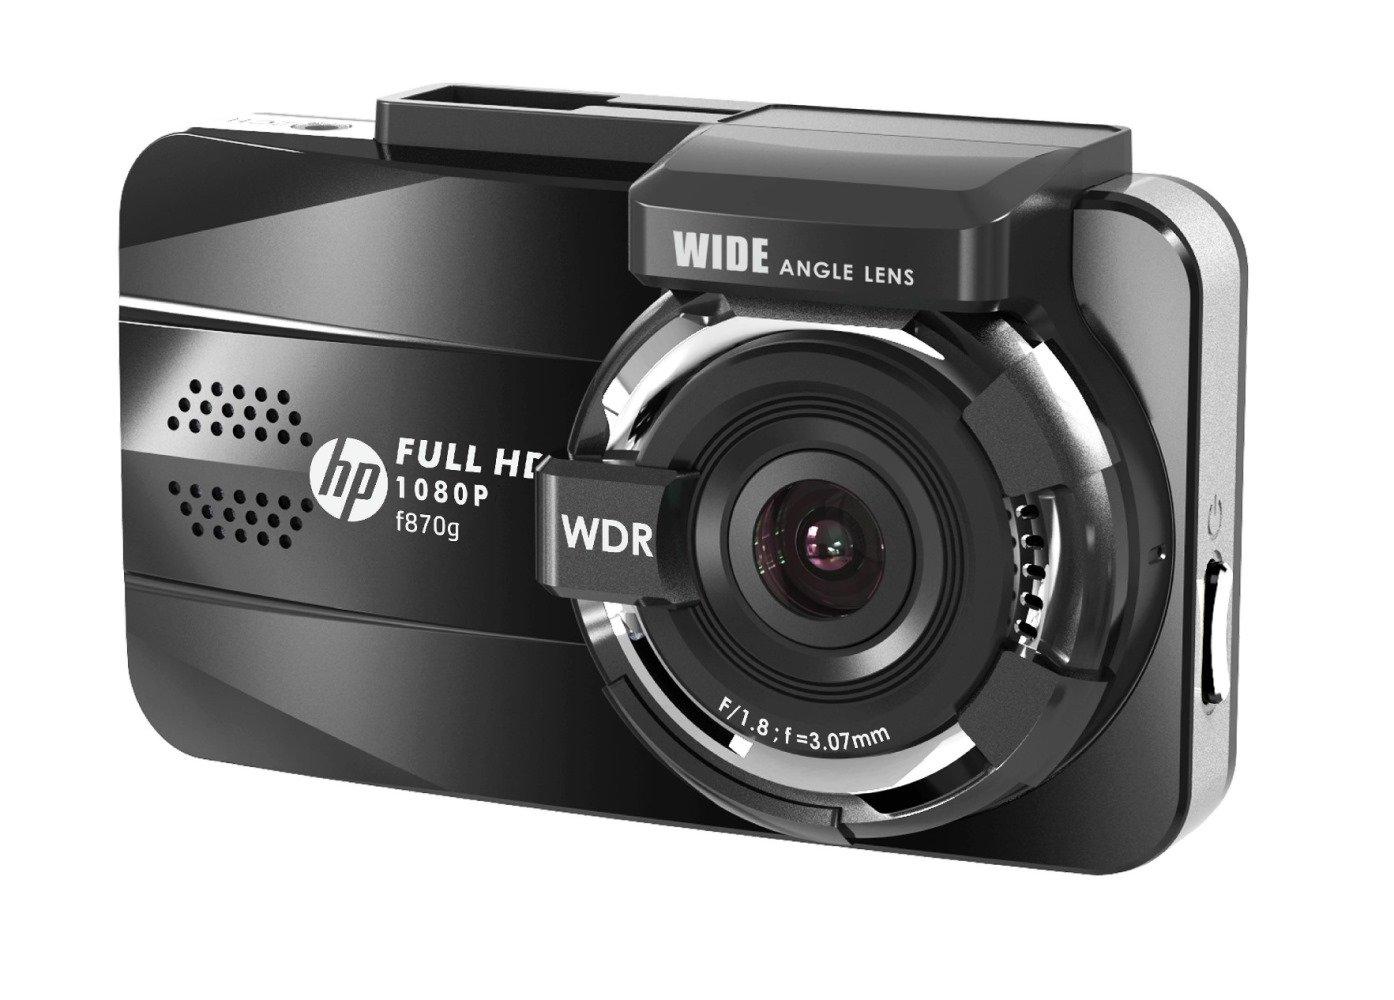 【正規輸入品】 HP(ヒューレットパッカード) 「HDMI出力対応」 ドライブレコーダー 3.0インチLCDカラーモニター 対角155° f870g B07584F93X